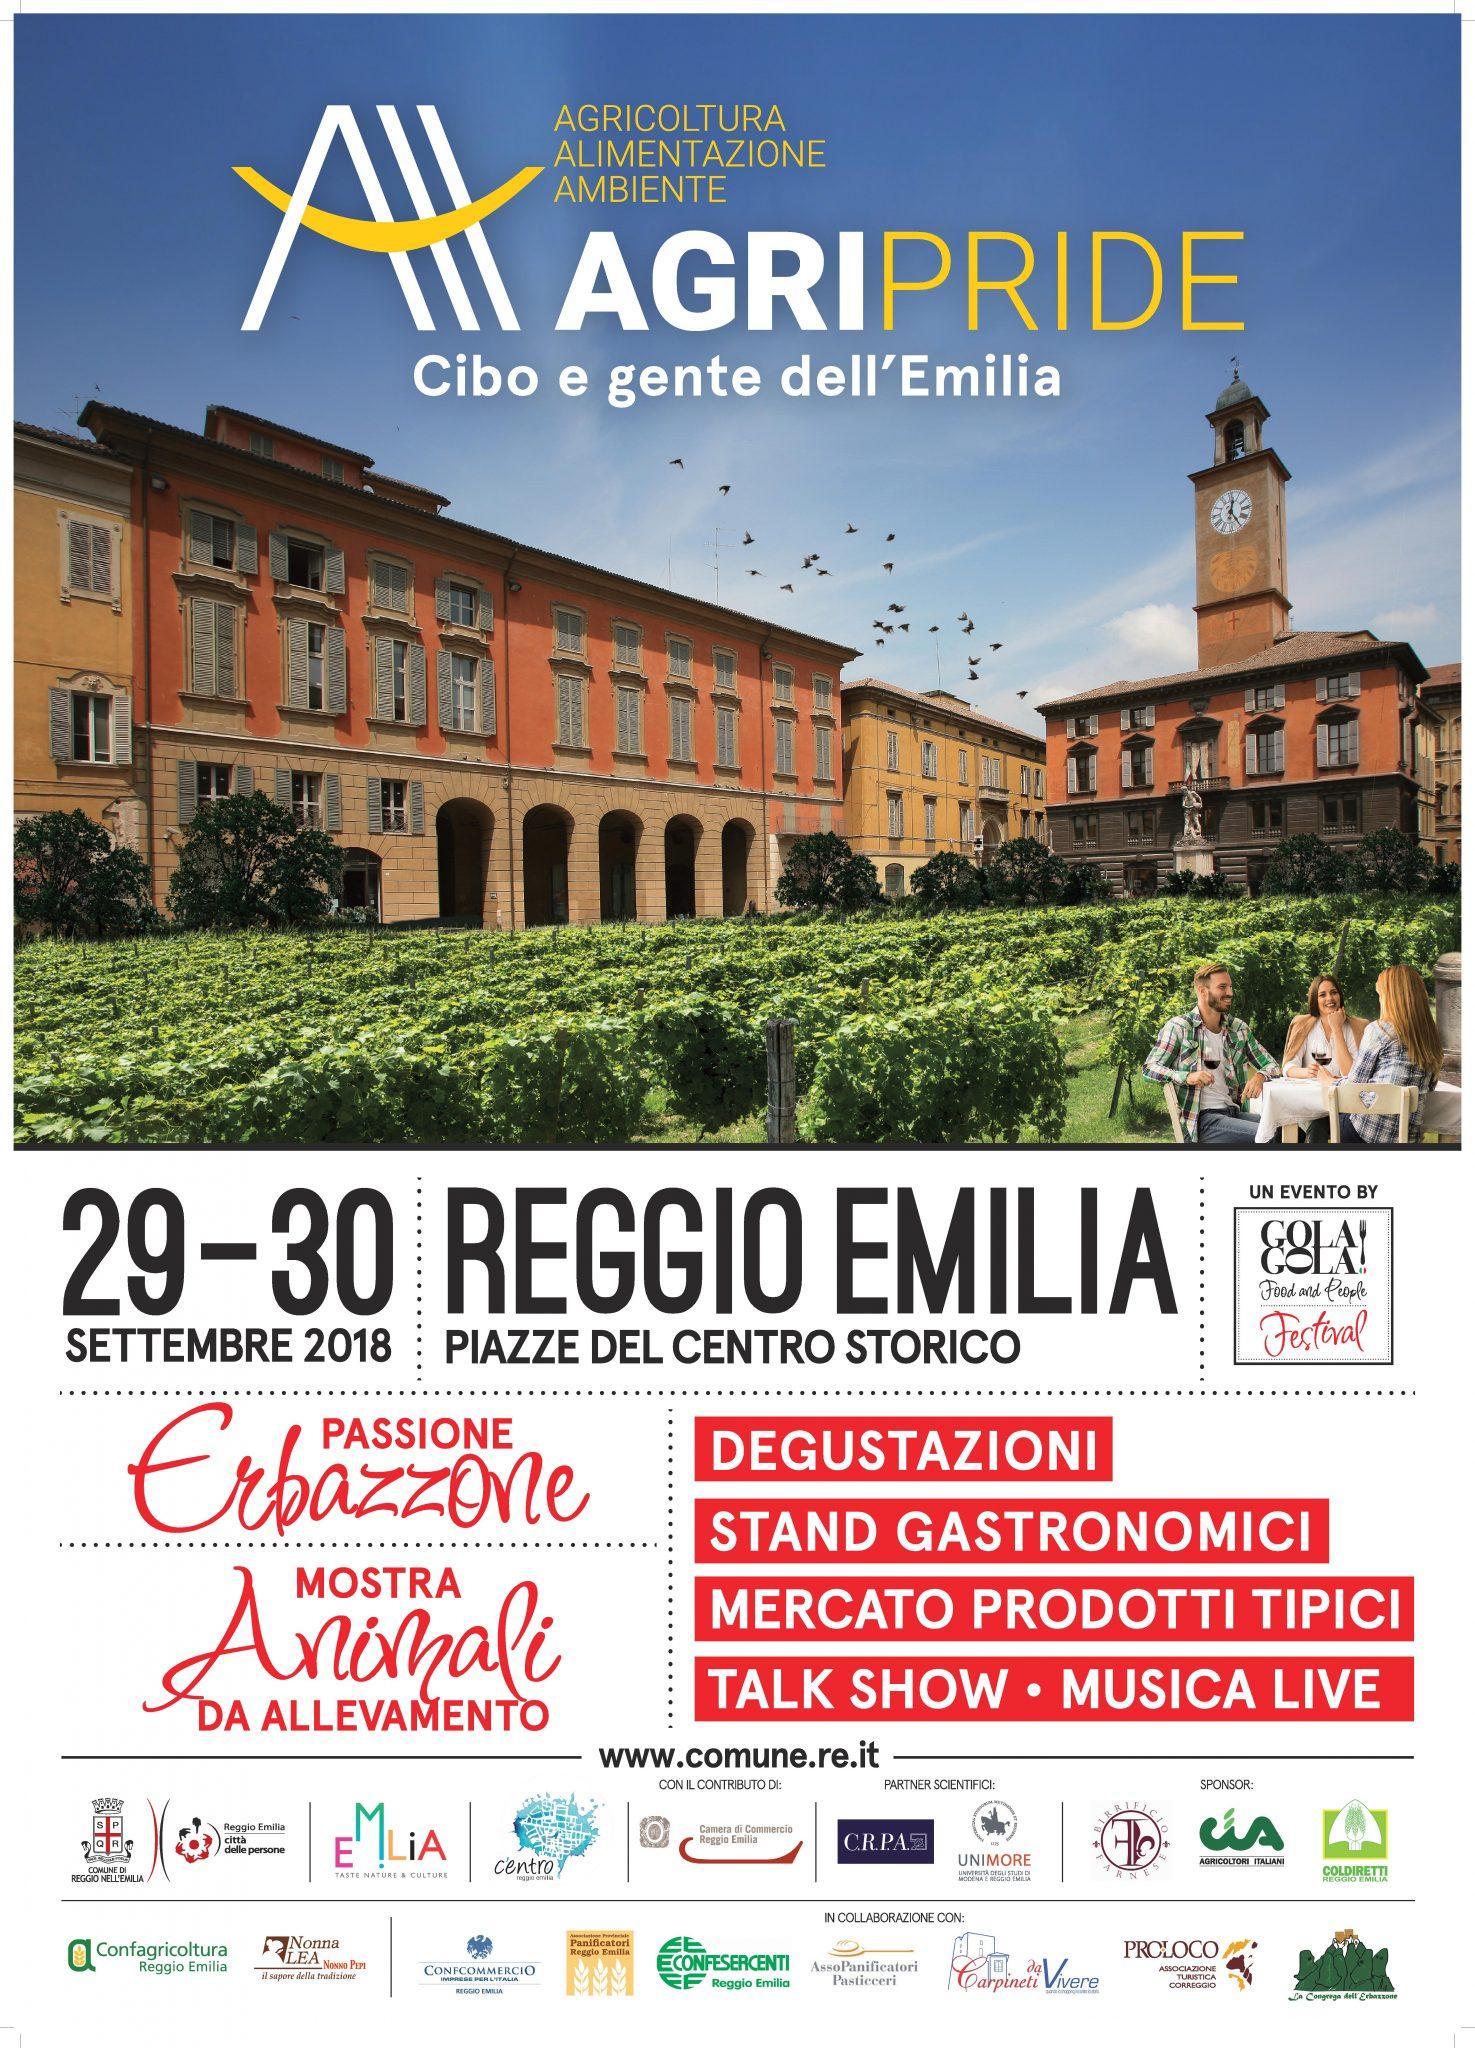 Agripride Reggio Emilia Passione Erbazzone